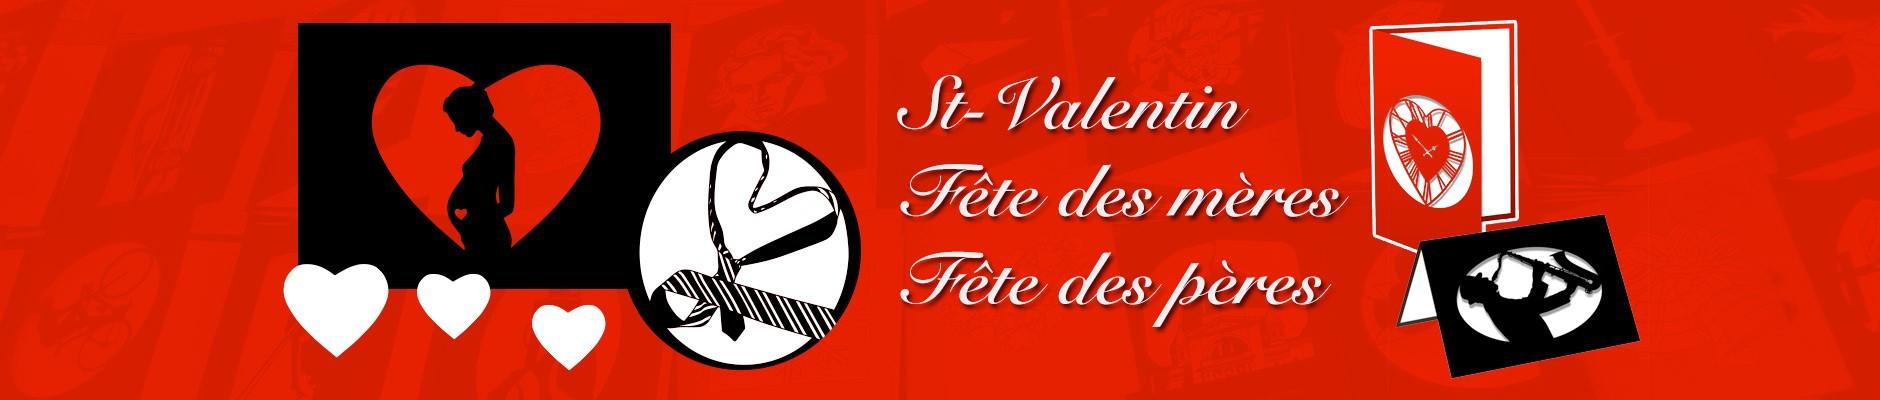 Cartes de voeux de la St Valentin